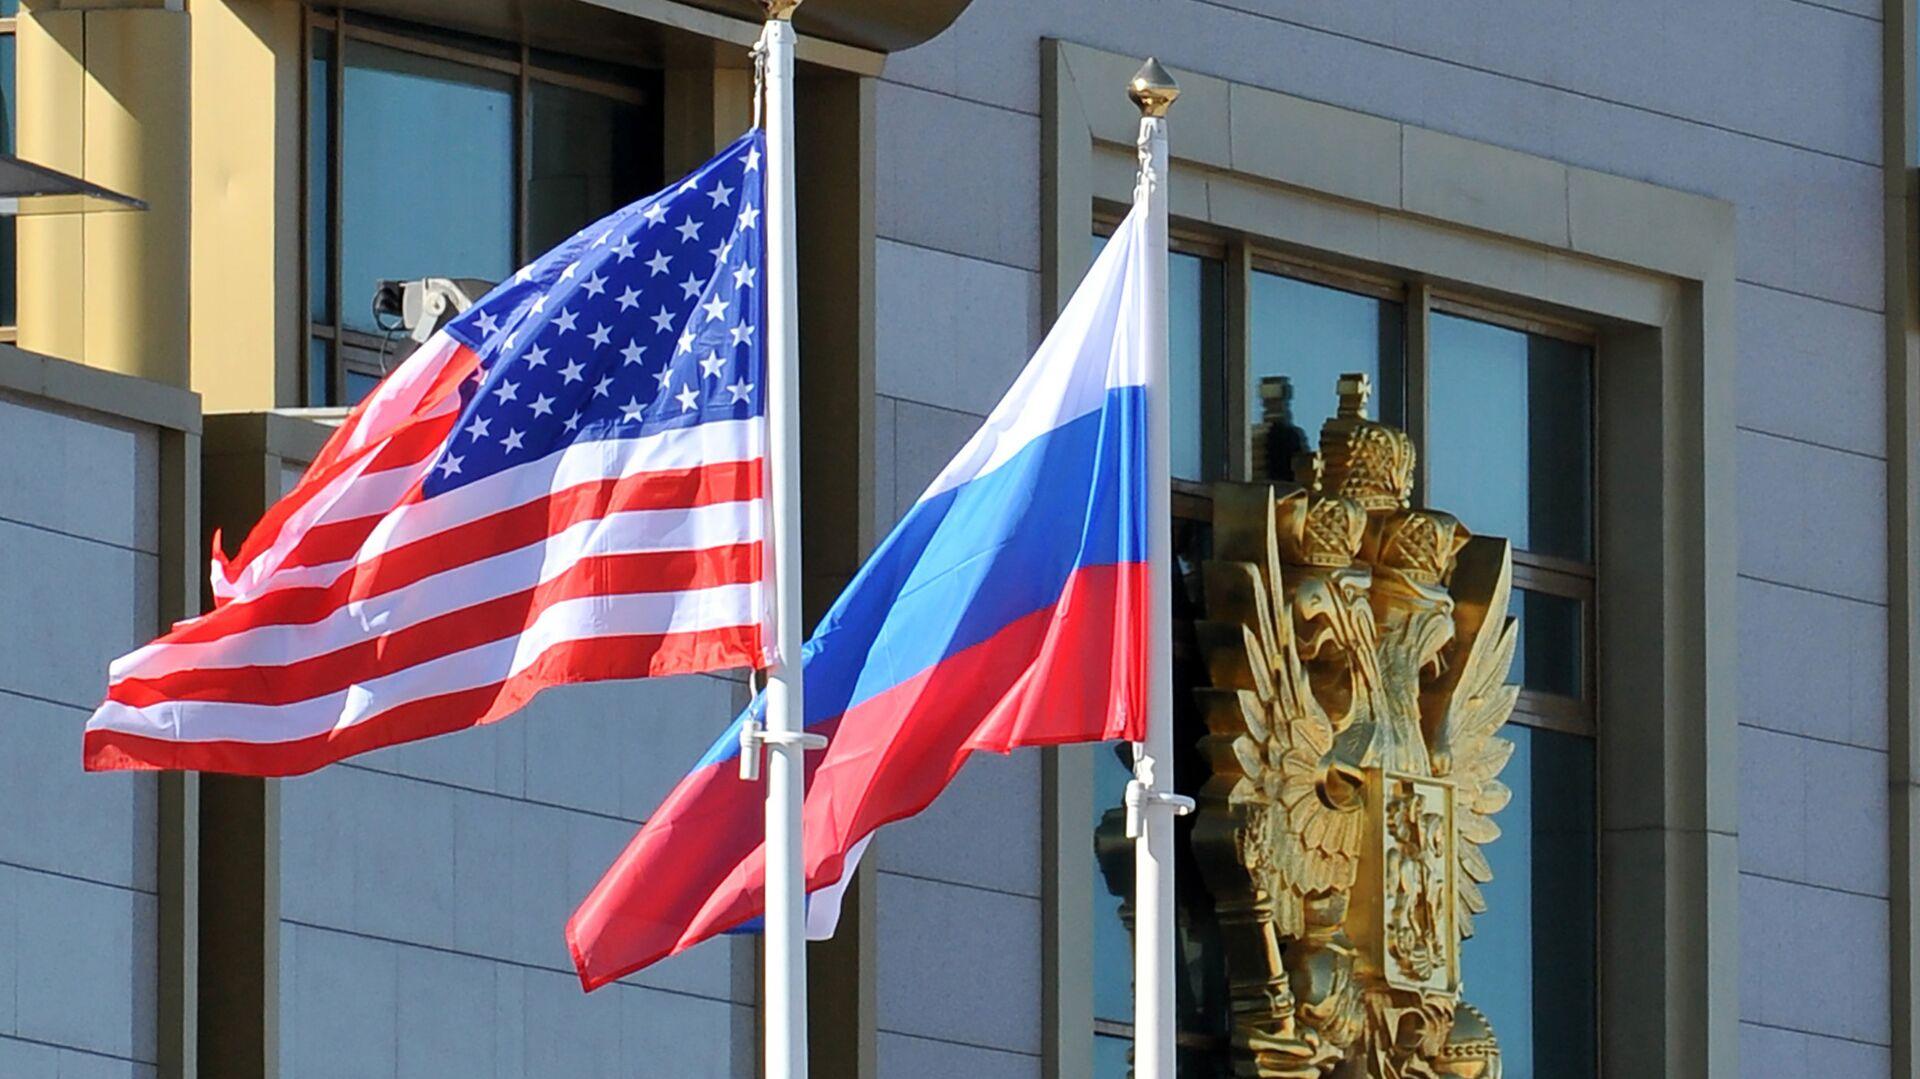 Banderas de EEUU y Rusia - Sputnik Mundo, 1920, 21.03.2021